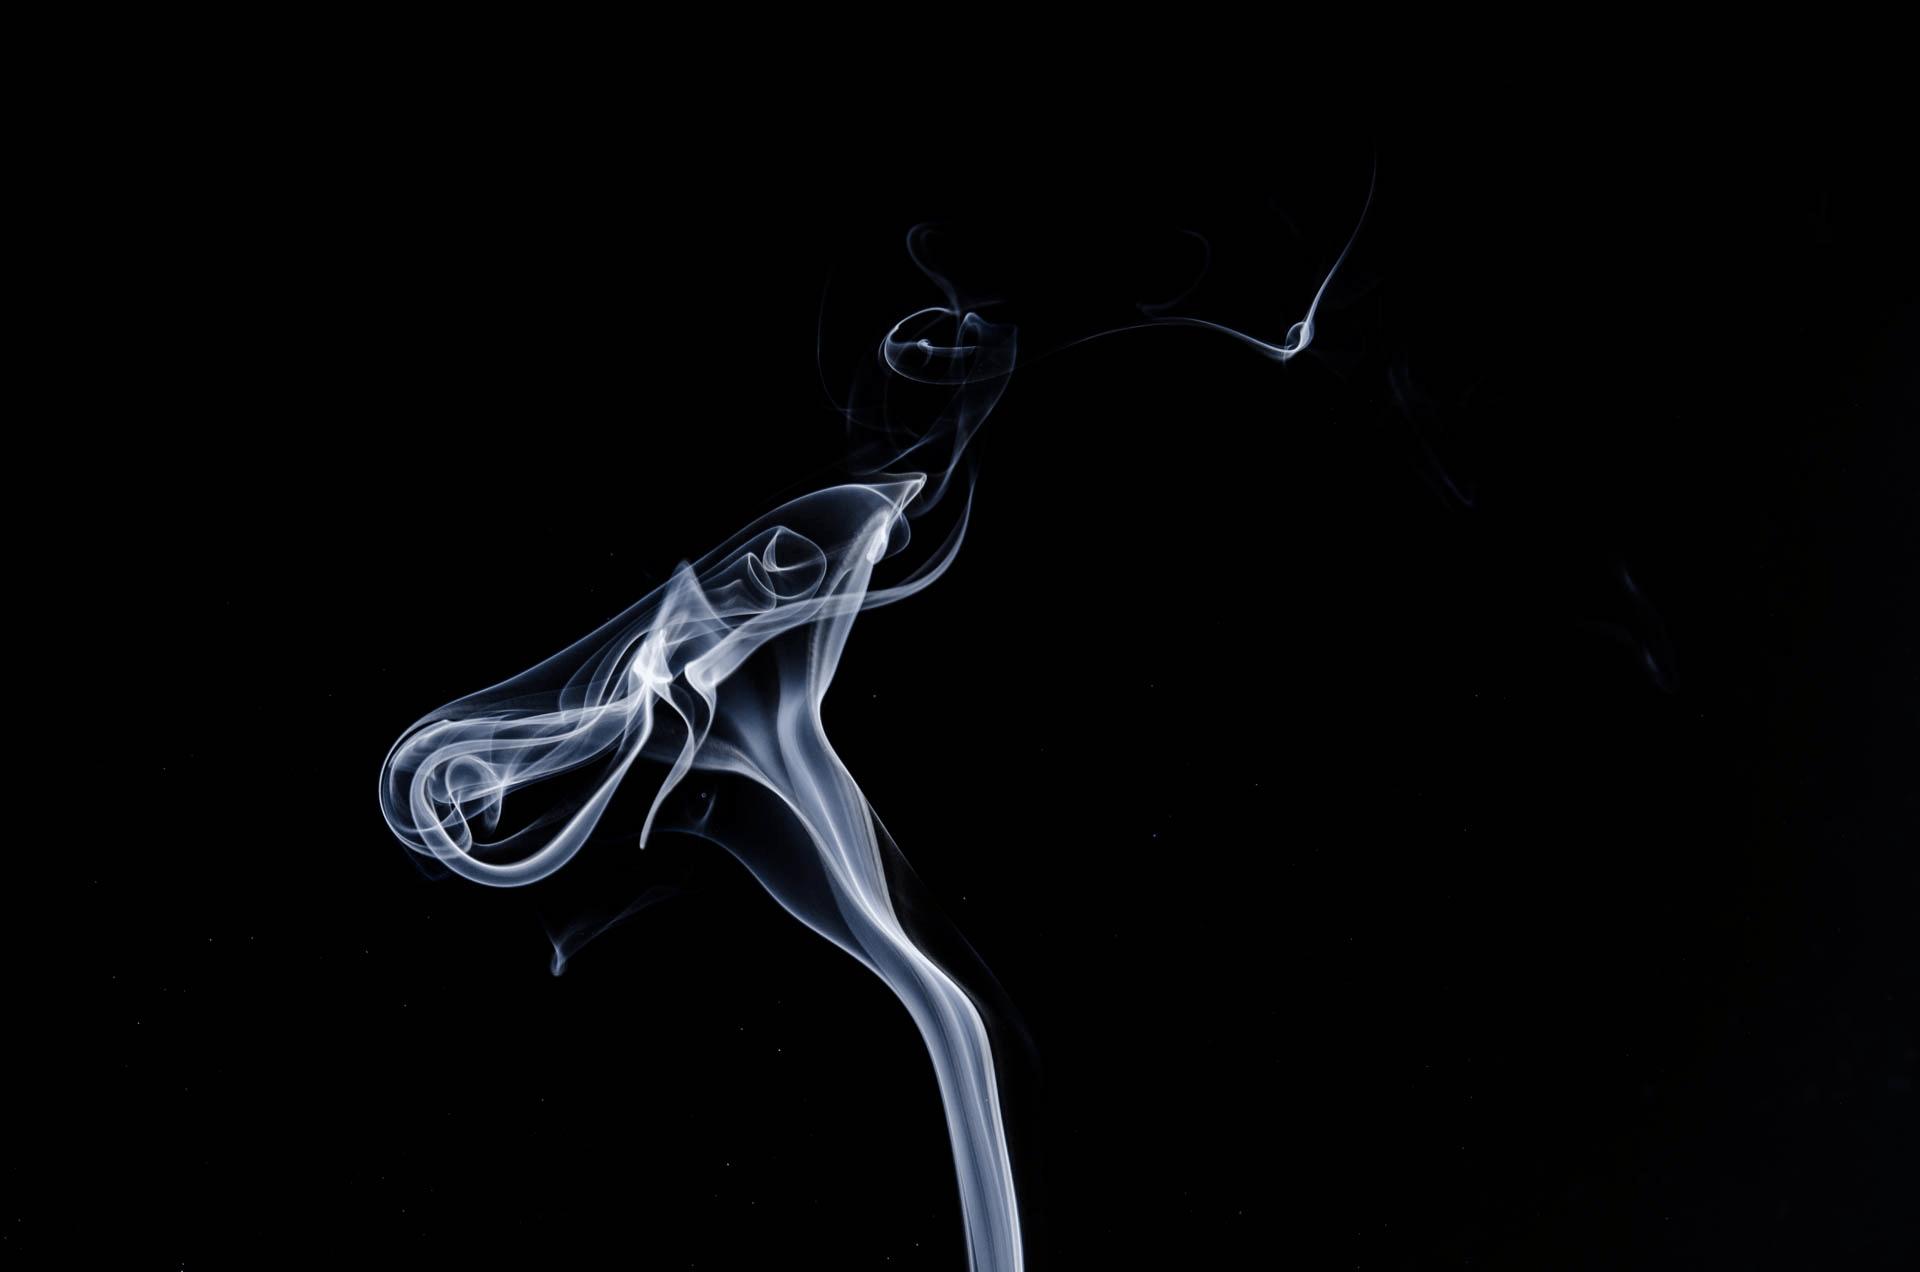 ゆらゆら揺れる煙